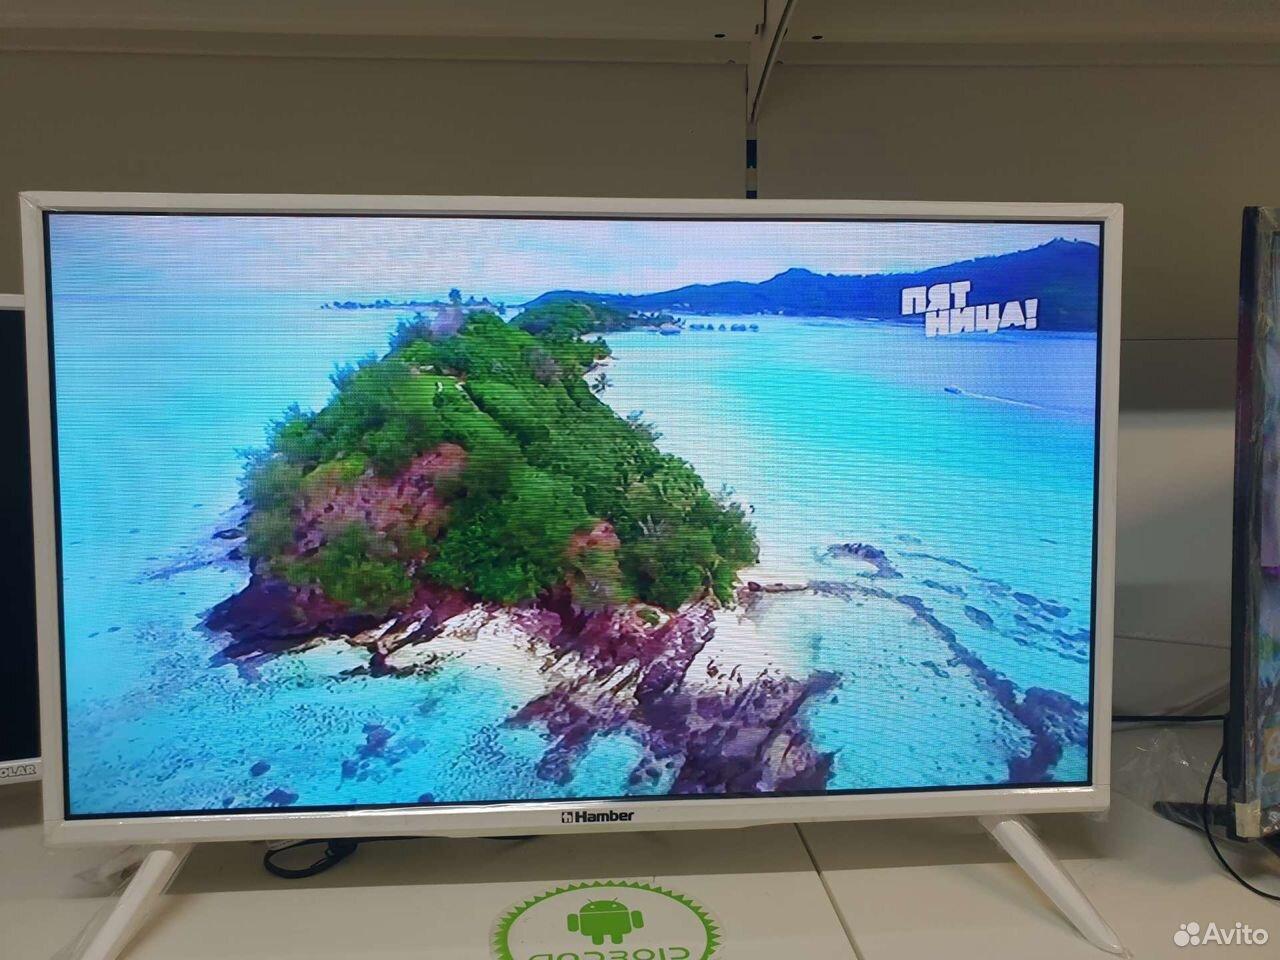 Новый телевизор Hamber 82см DVB-T2 USB  89622641079 купить 5